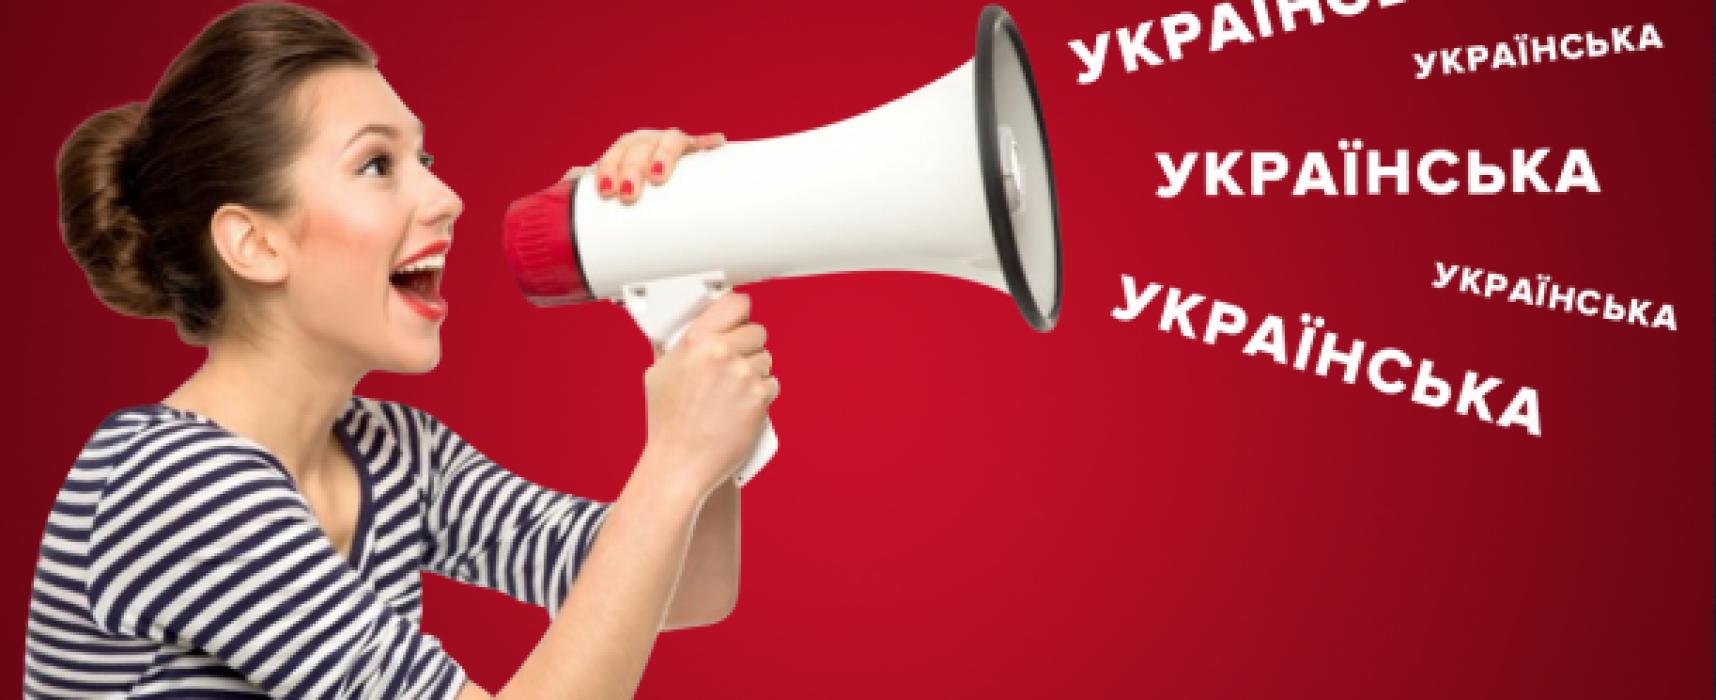 Фейк «Комсомольської правди»: в Україні за російську мову штрафуватимуть і саджатимуть